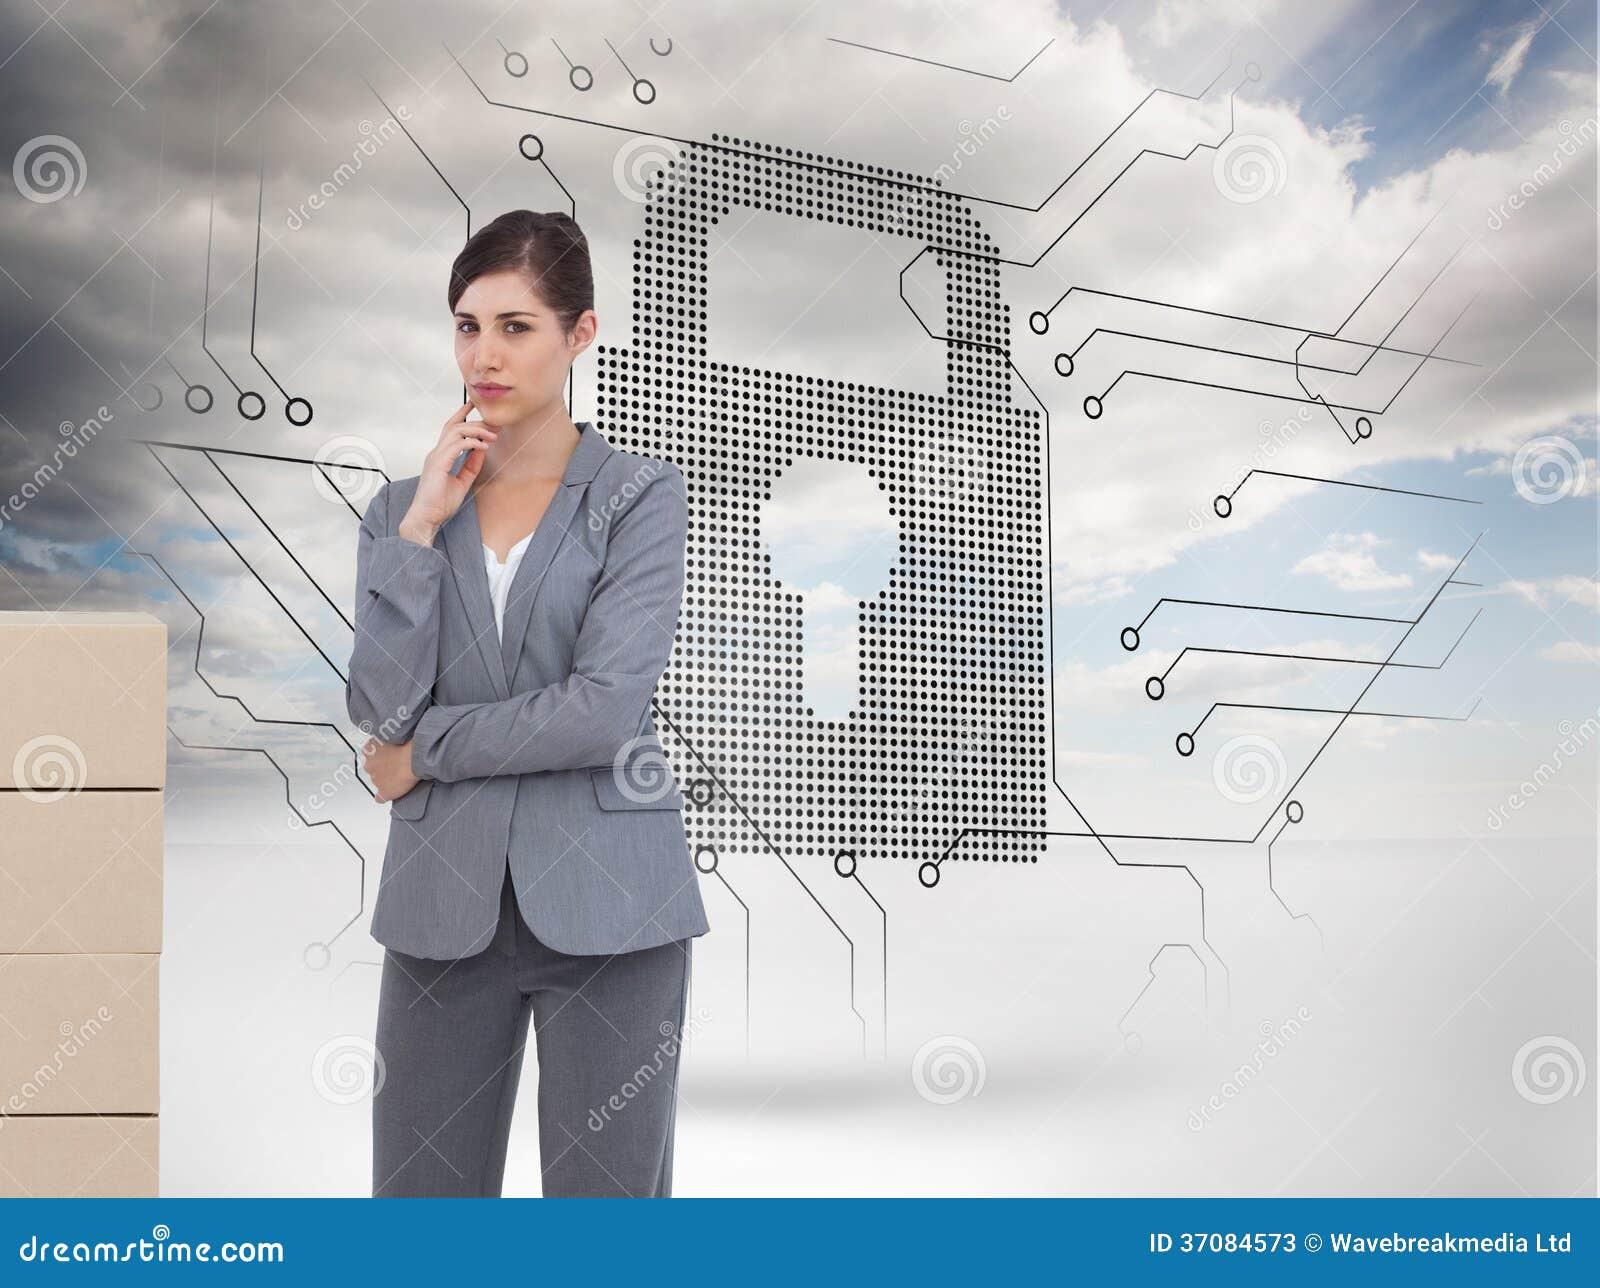 Download Rozważny Bizneswoman Pozuje Z Kartonami Obraz Stock - Obraz złożonej z wytwarza, dane: 37084573